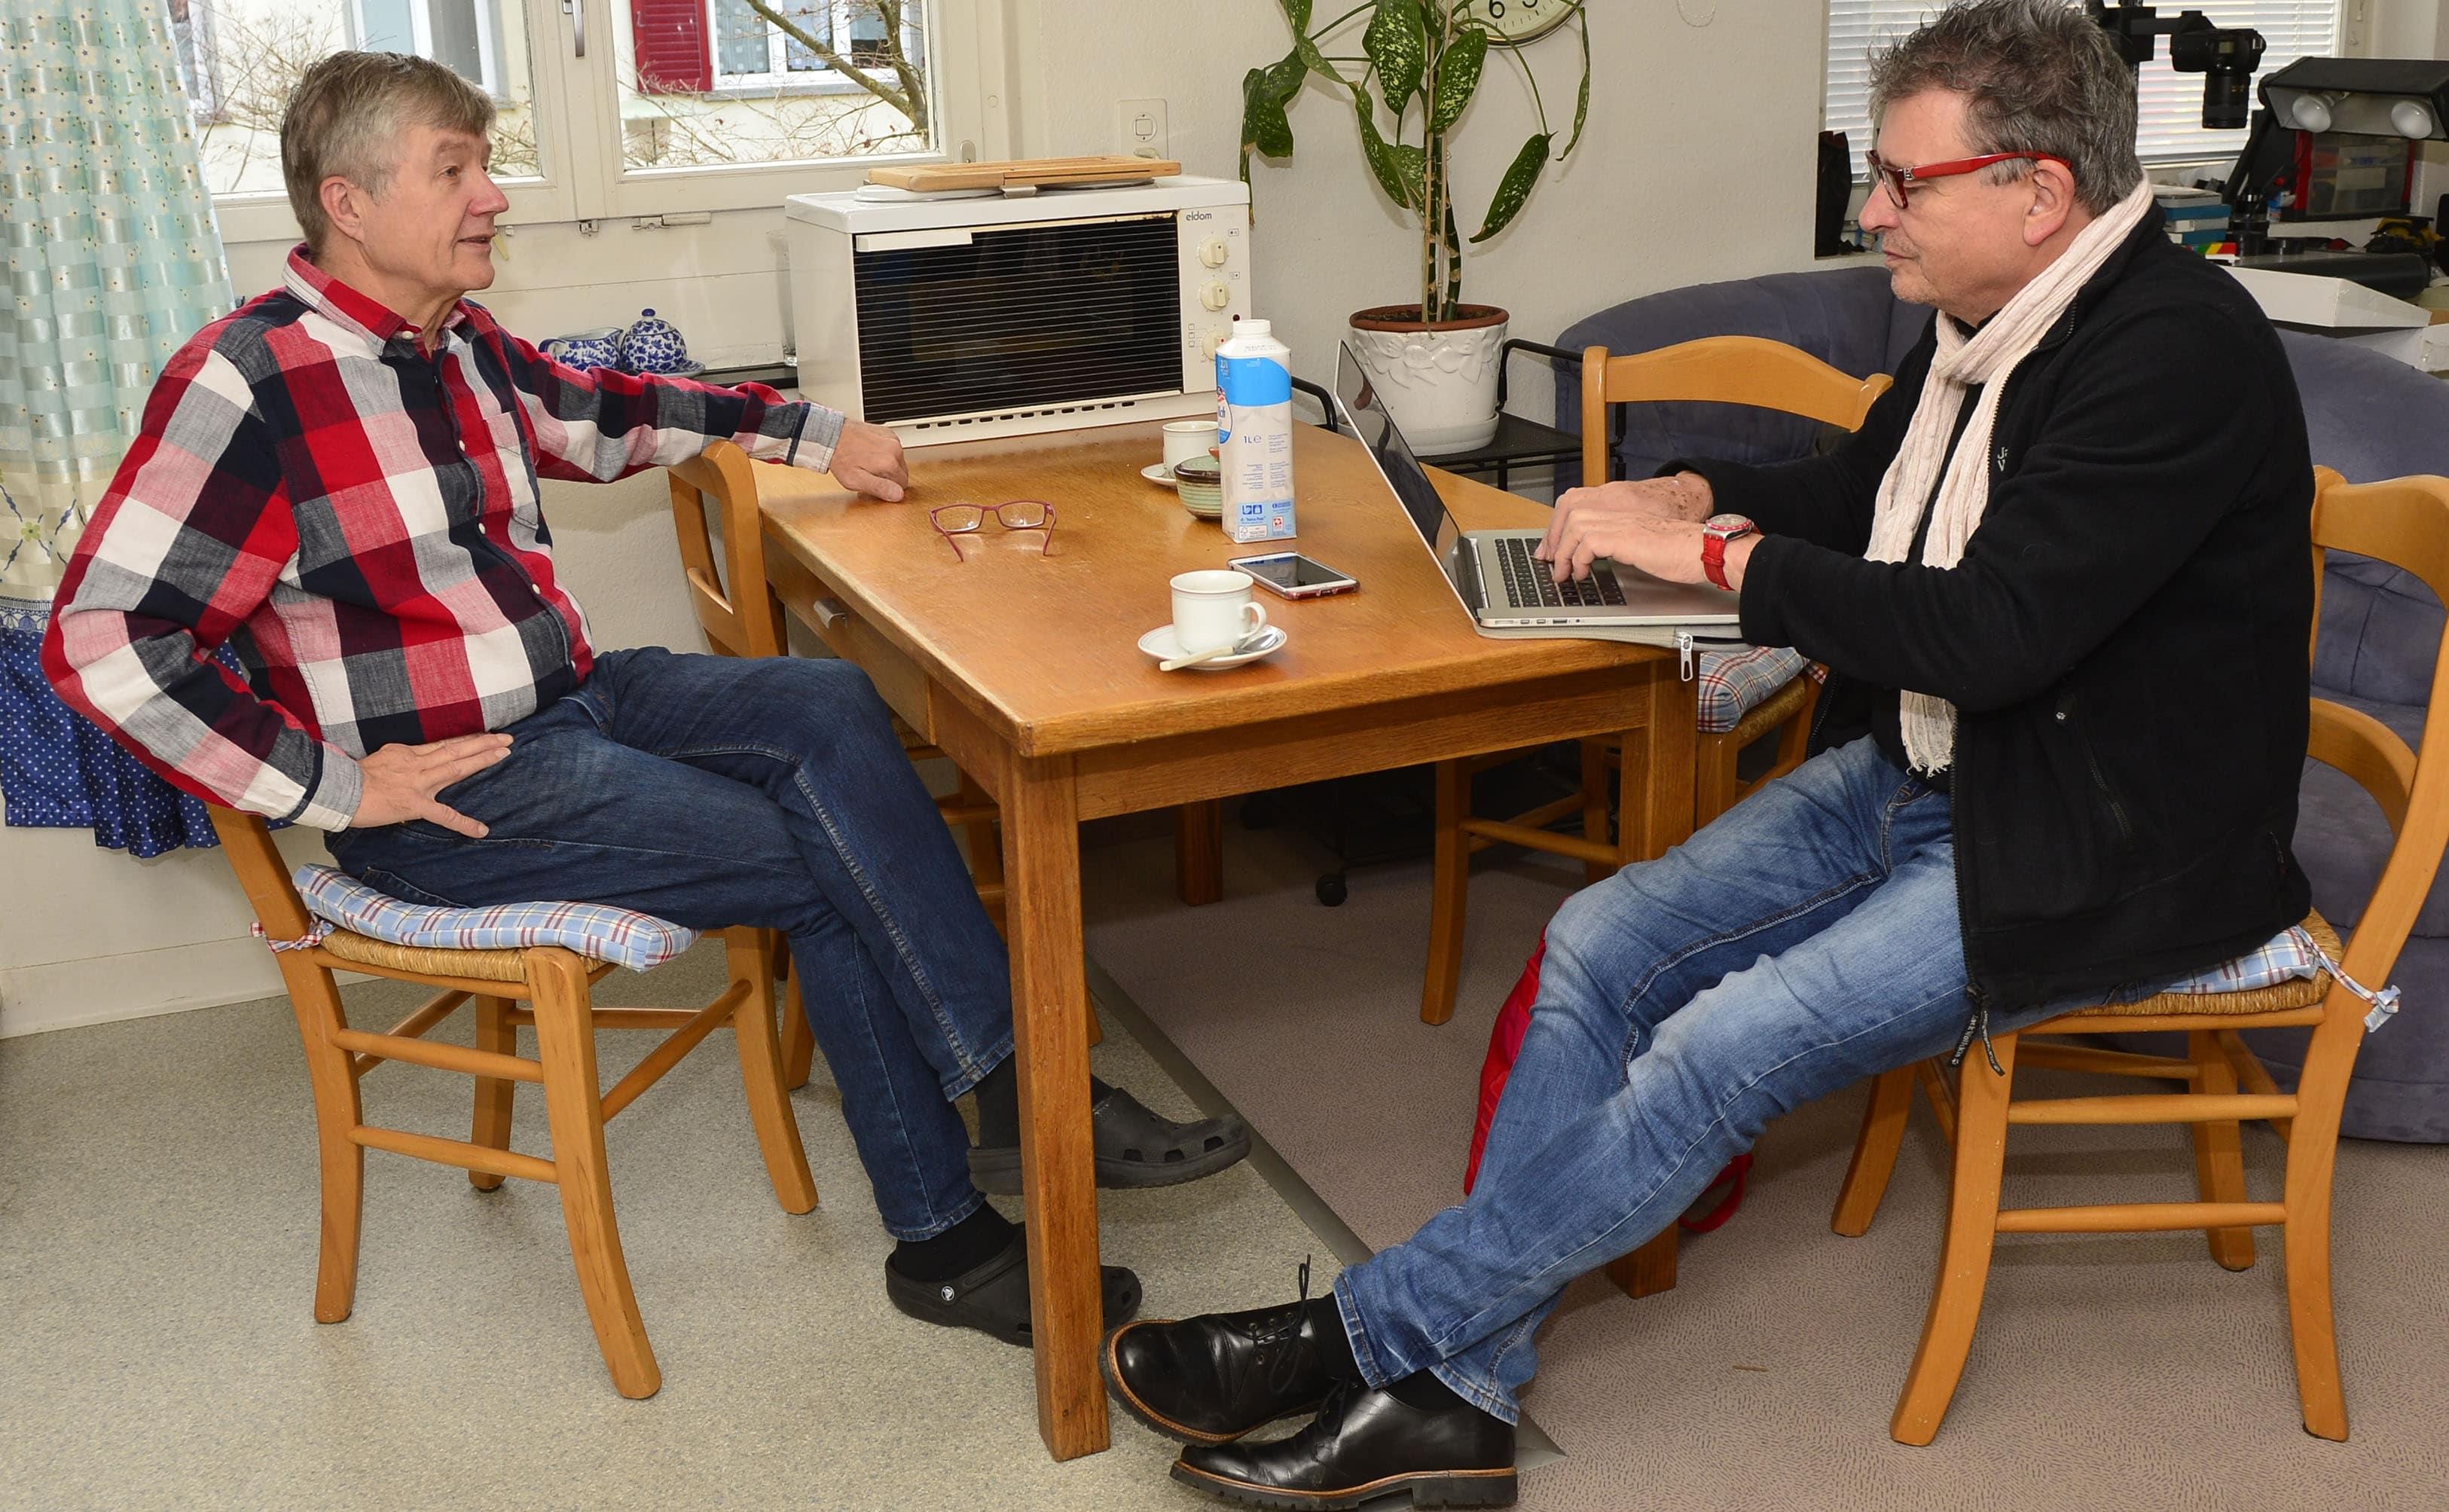 Trauerfeier: Othmar Zeder im Gespräch mit Martin Schuppli